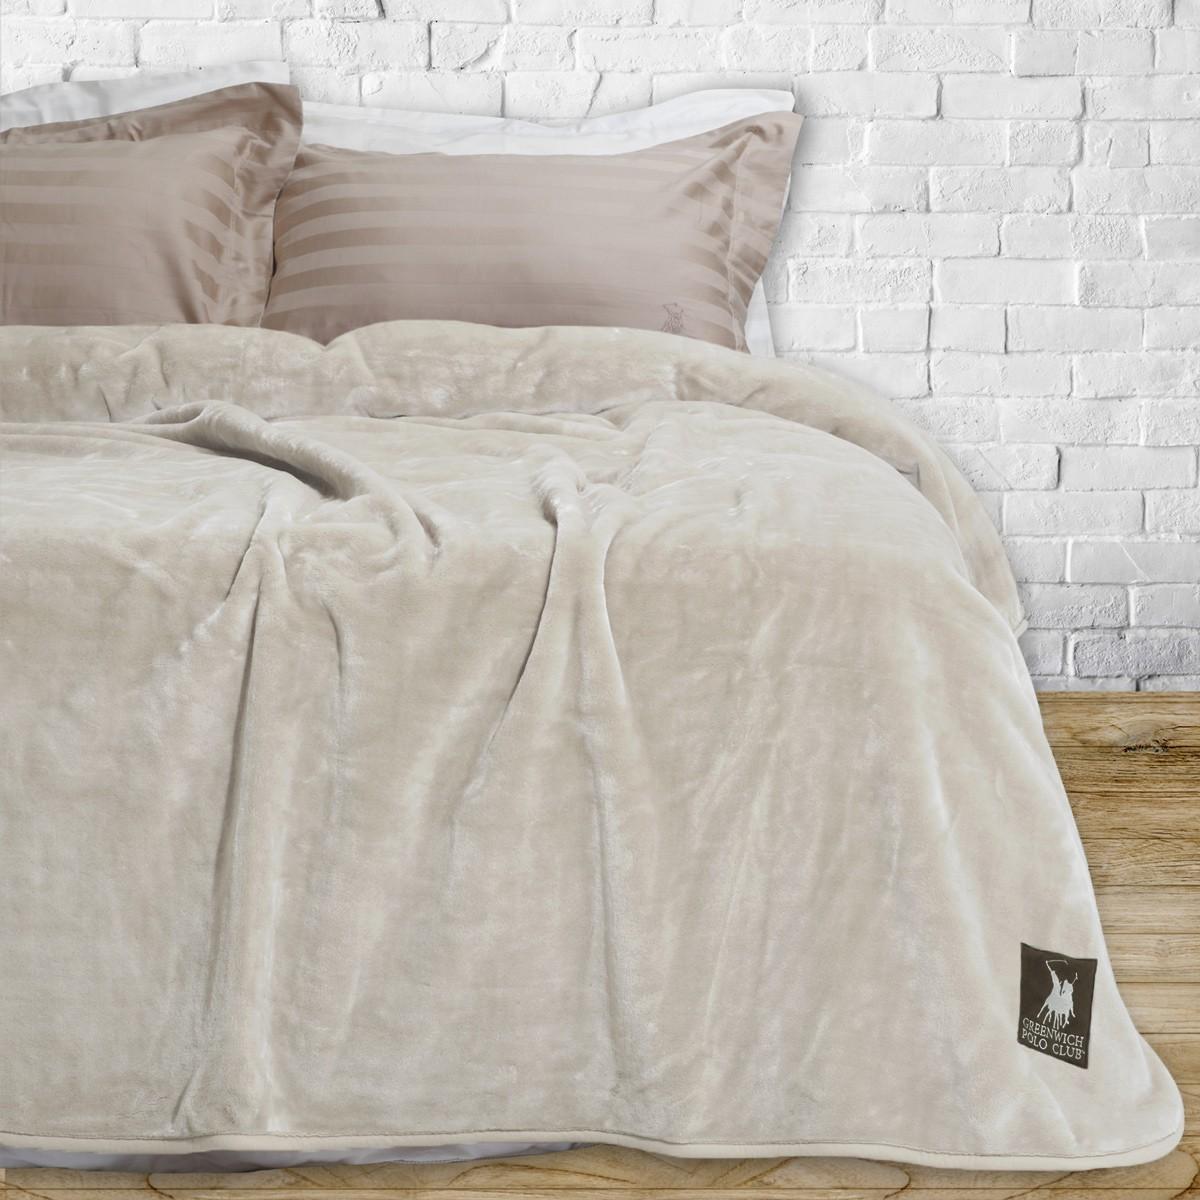 Κουβέρτα Βελουτέ Υπέρδιπλη Polo Club Essential Blanket 2401